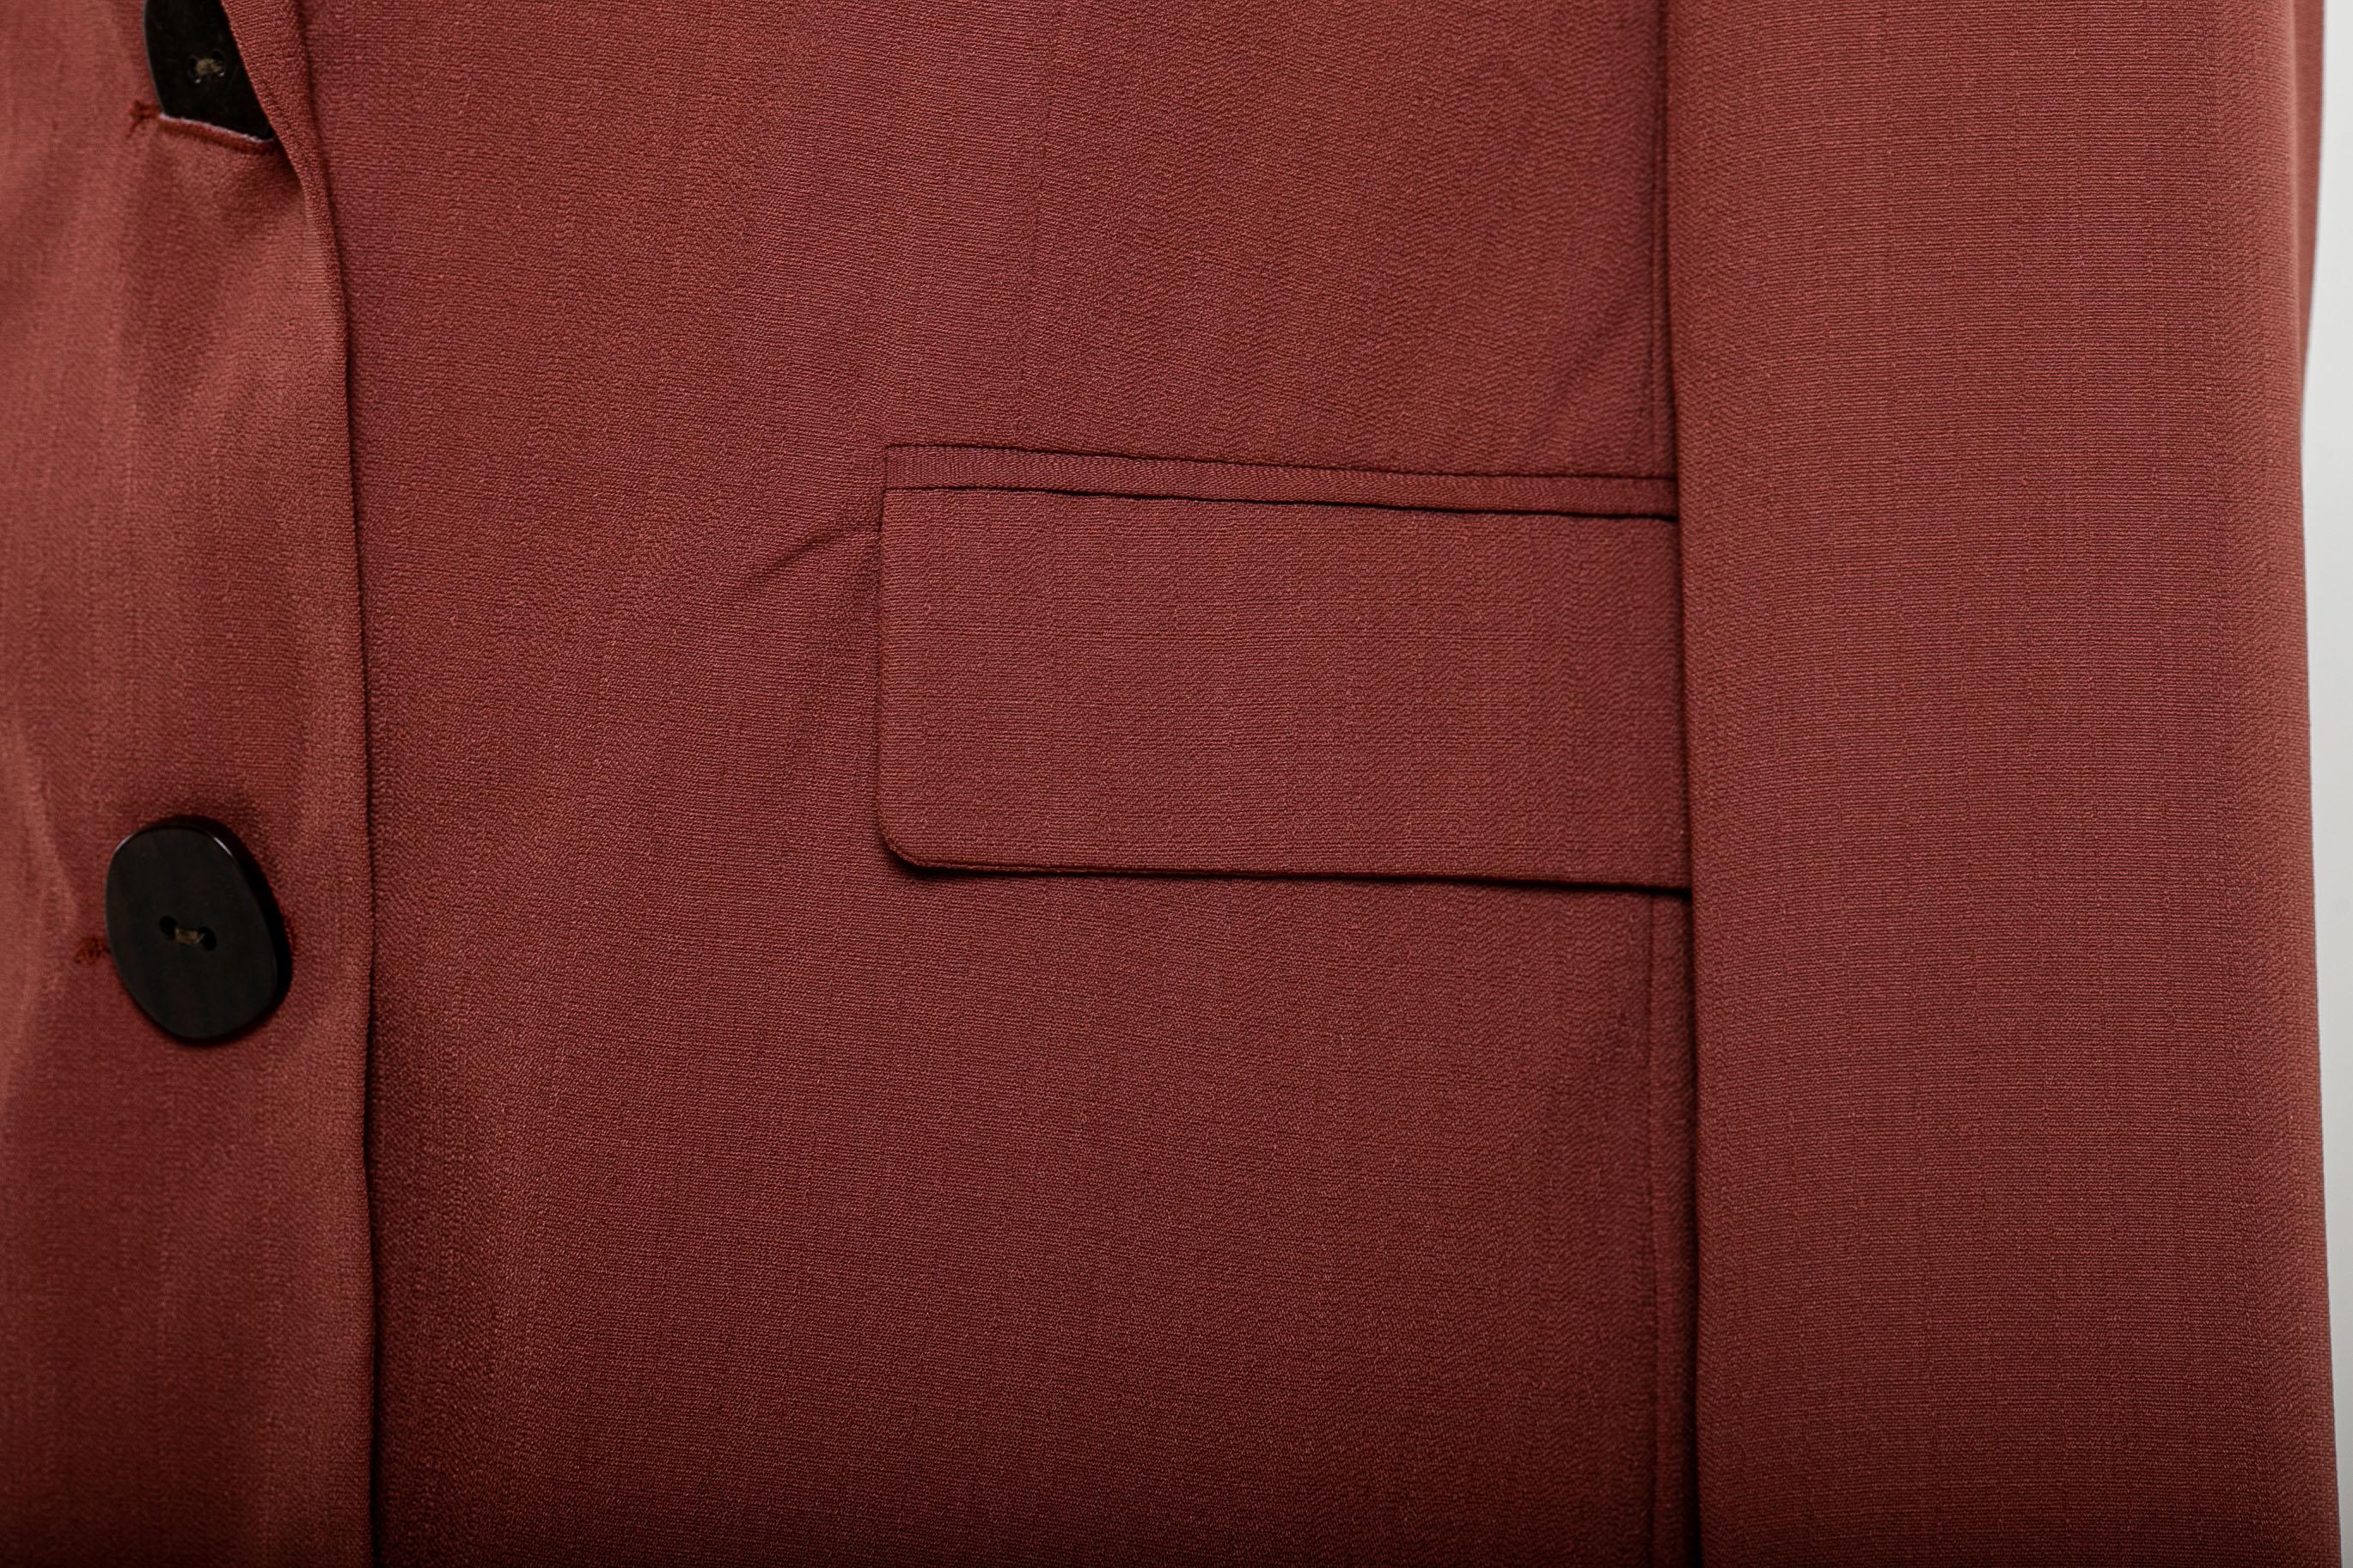 Пиджак Vero Moda Casual (3257) photo 1